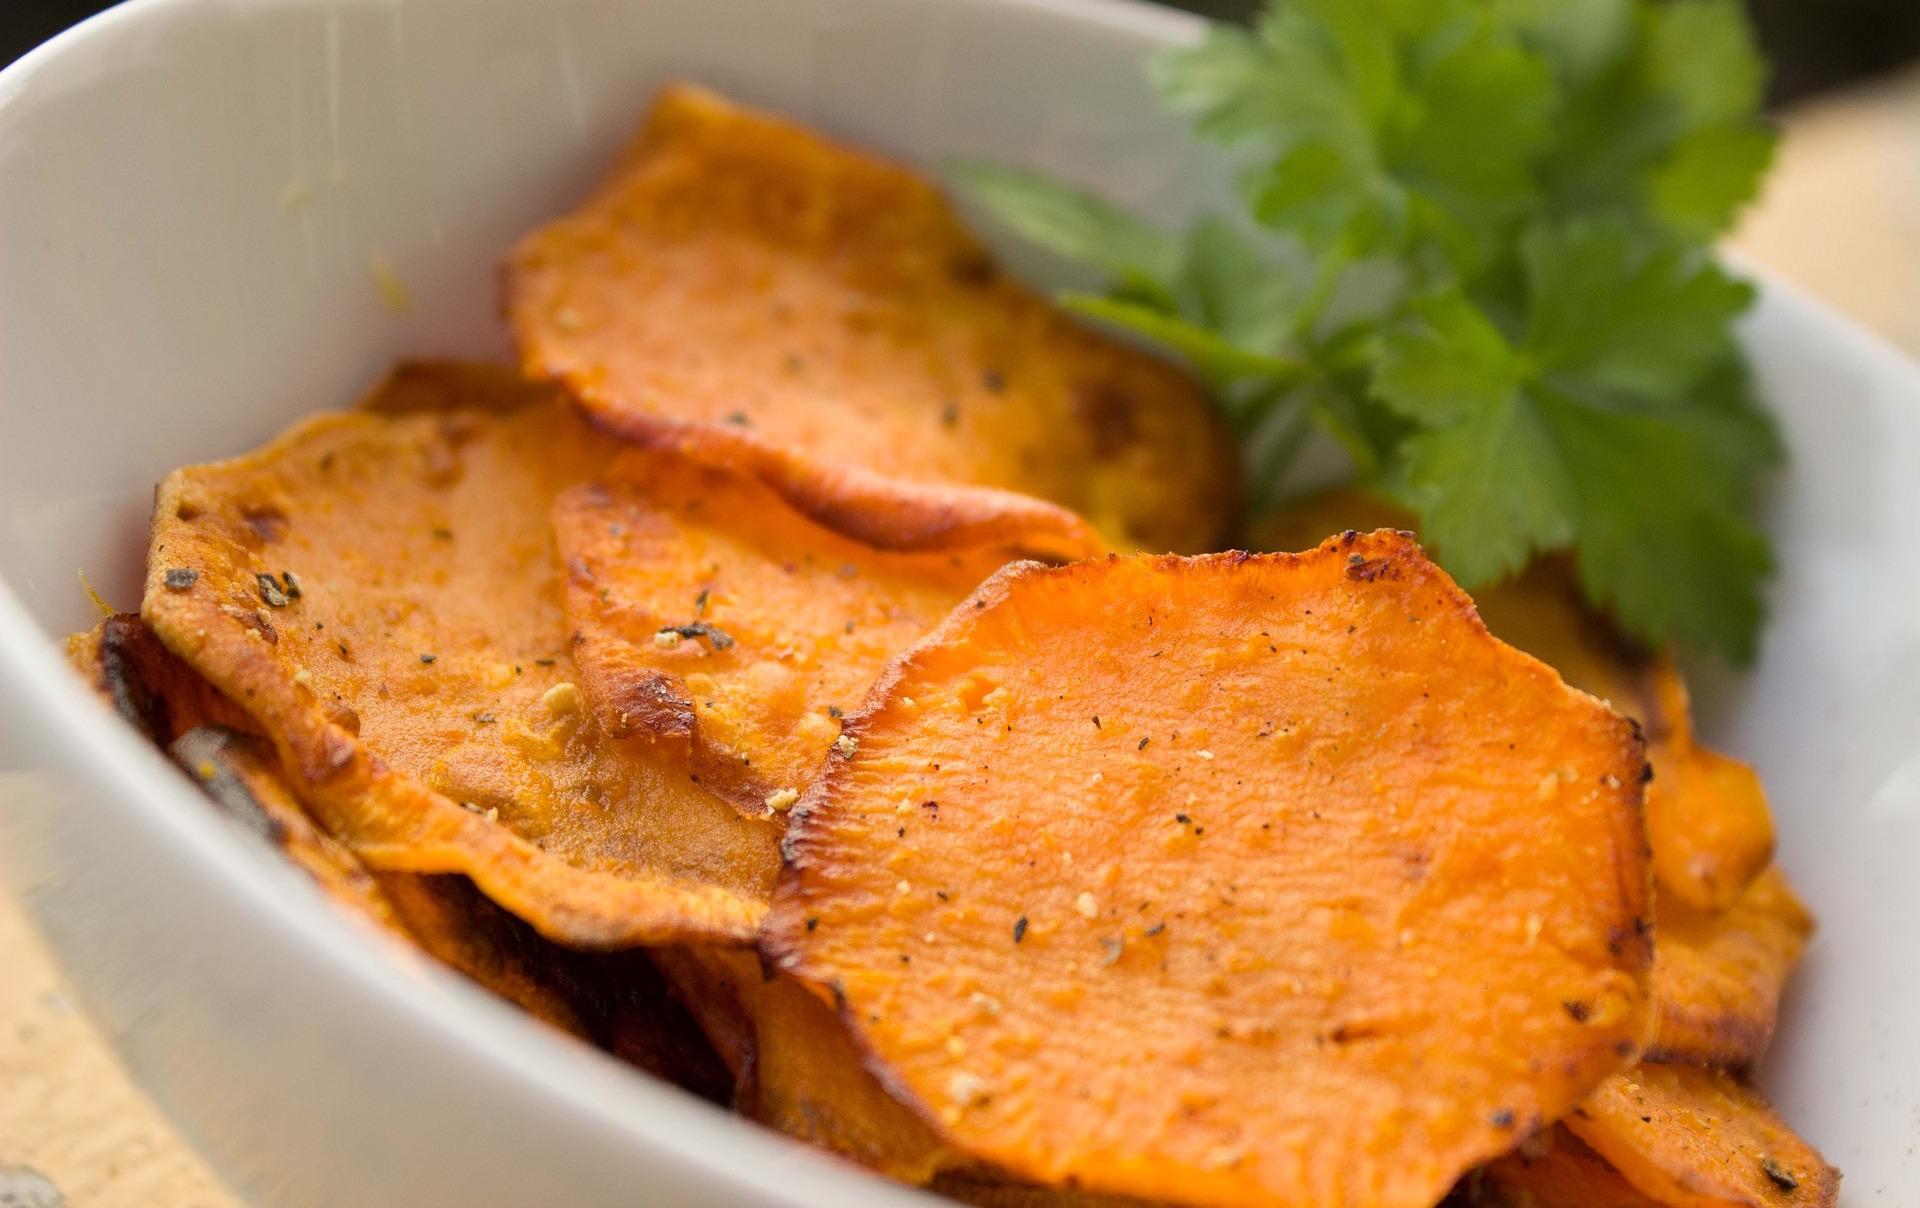 「馬鈴薯片怎麼炸才好吃?」洋芋片不用買了,學會這個小技巧自己做更好吃!